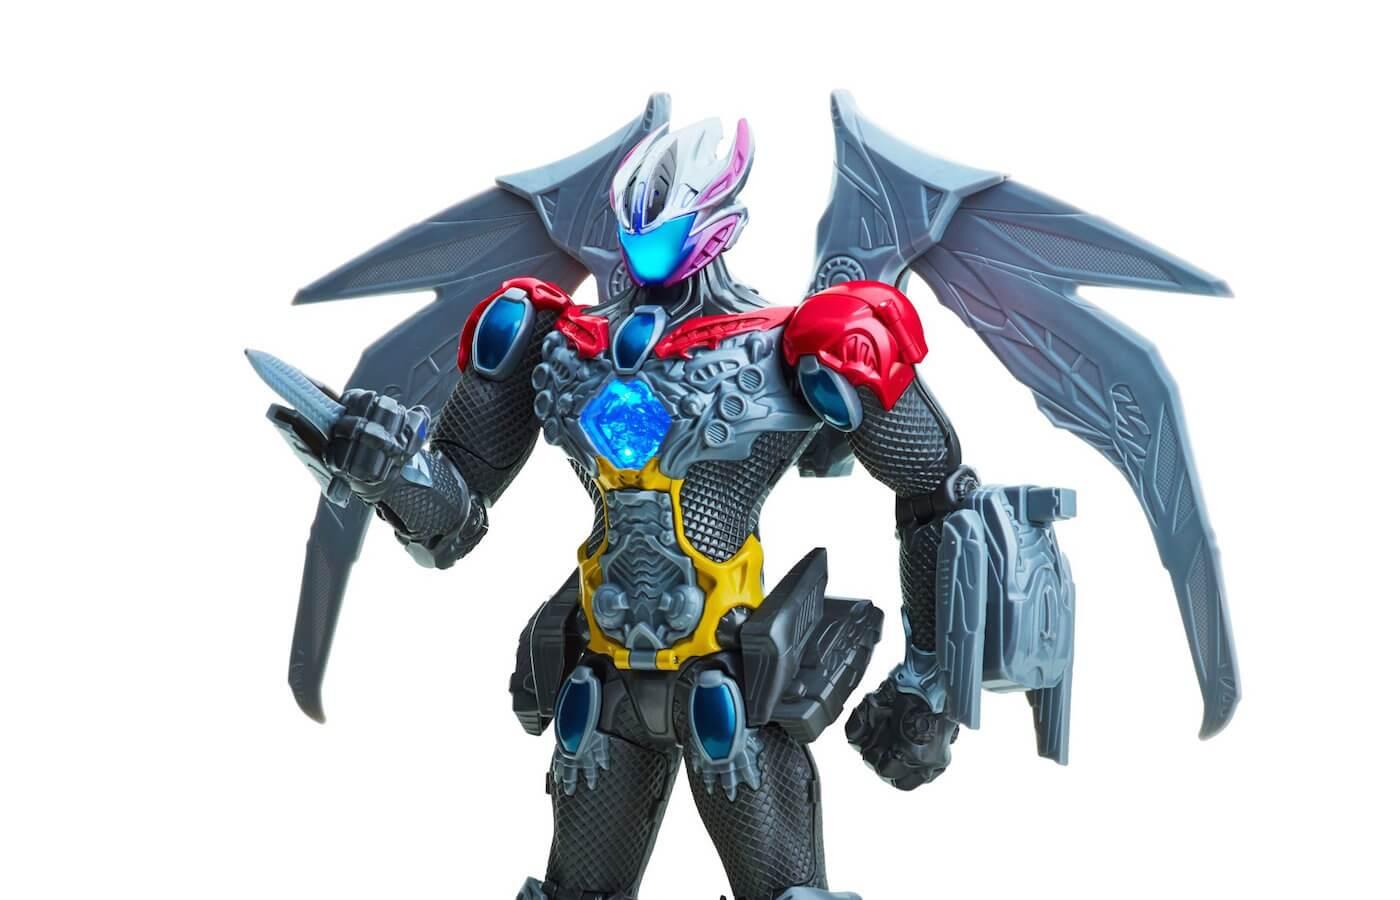 スーパー戦隊『パワーレンジャー』から人型巨大ロボ「メガゾード」のおもちゃ写真が公開!